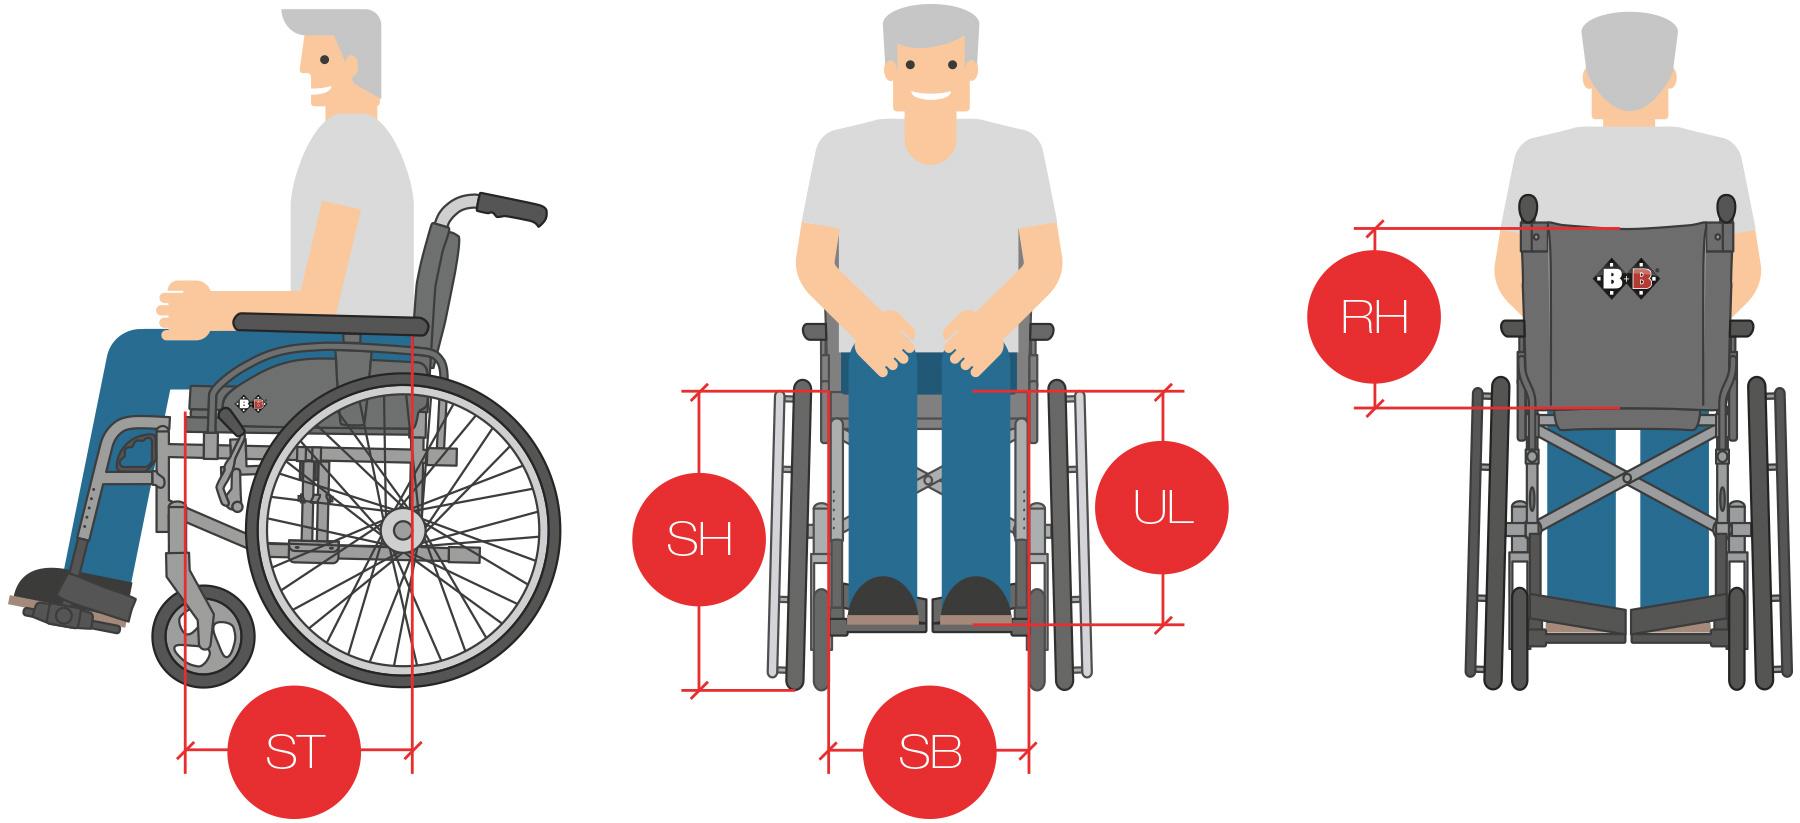 Rollstuhlratgeber, Rollstuhl einstellen der Sitztiefe, Sitzhöhe, Sitzbreite, Unterschenkellänge und Rückenhöhe